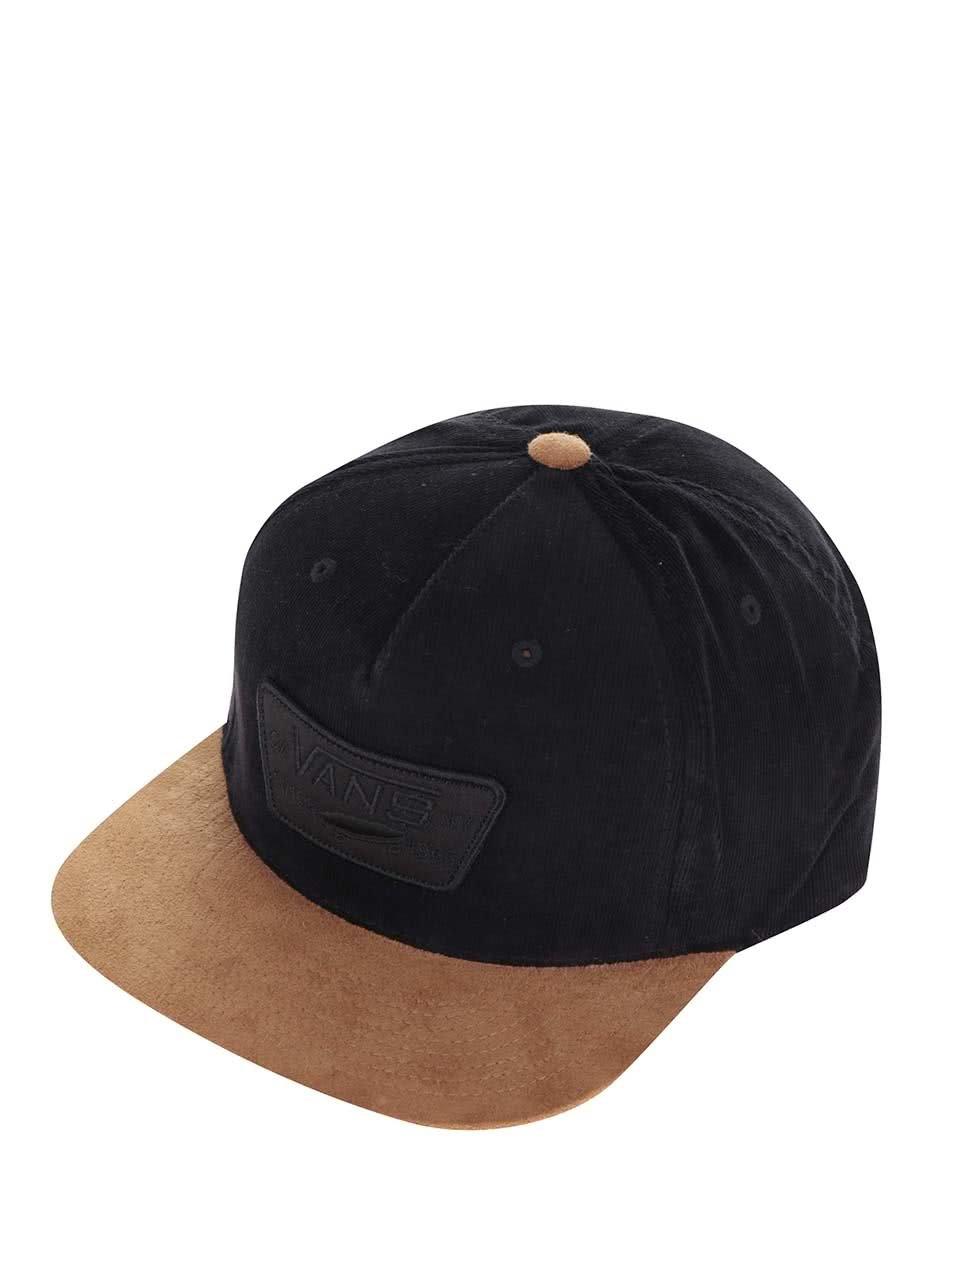 Hnědo-černá pánská kšiltovka Vans Full Patch